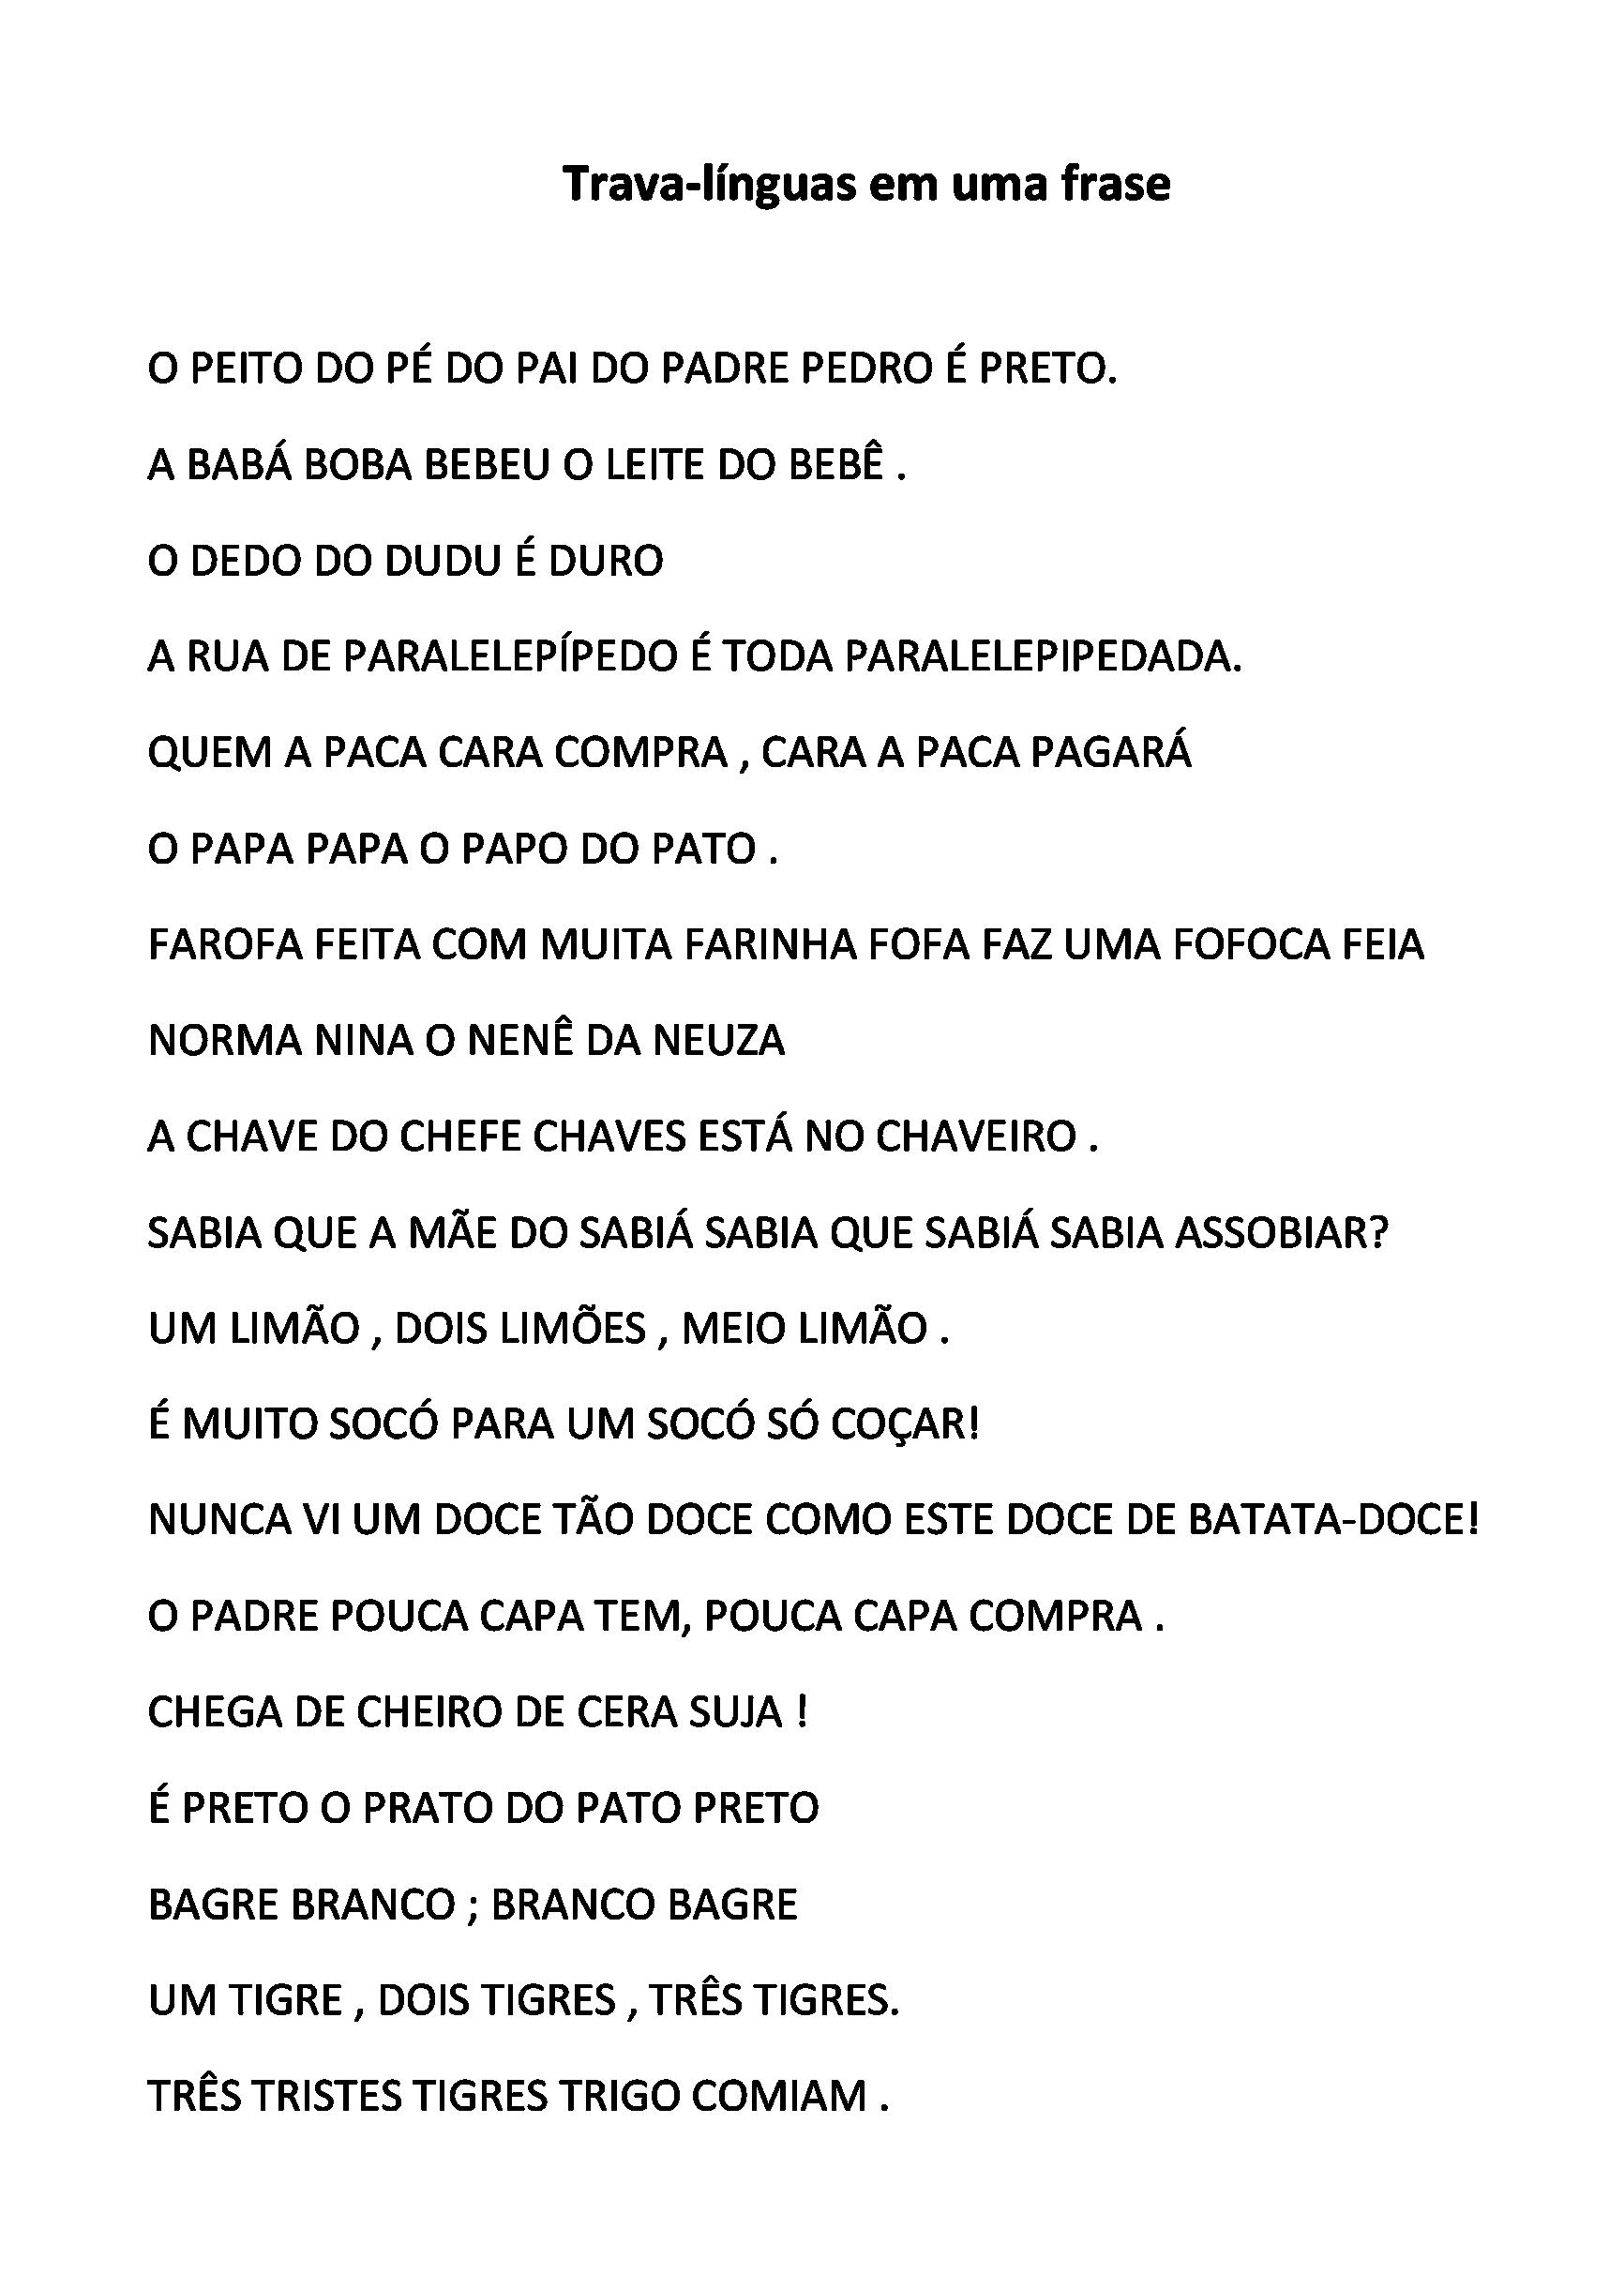 0253-folclore-trava-linguas-uma-frase